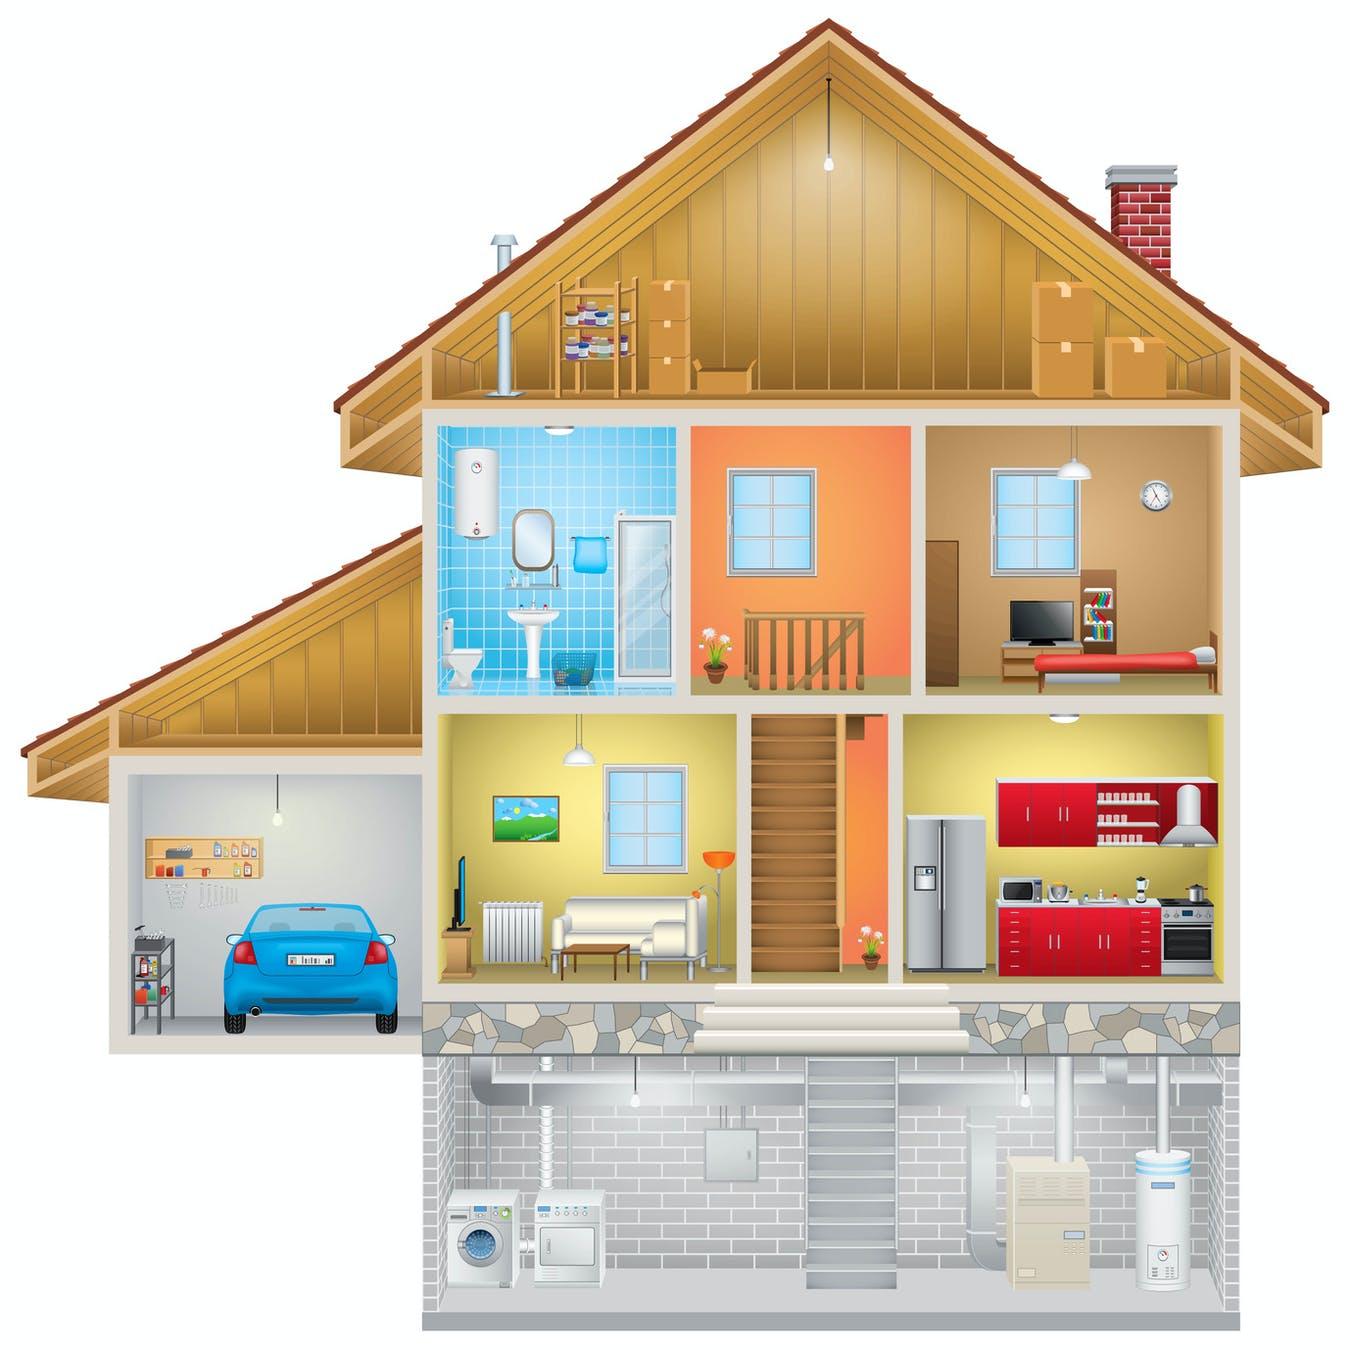 Ein Haus mit Keller planen & bauen - Häuser & Infos ...